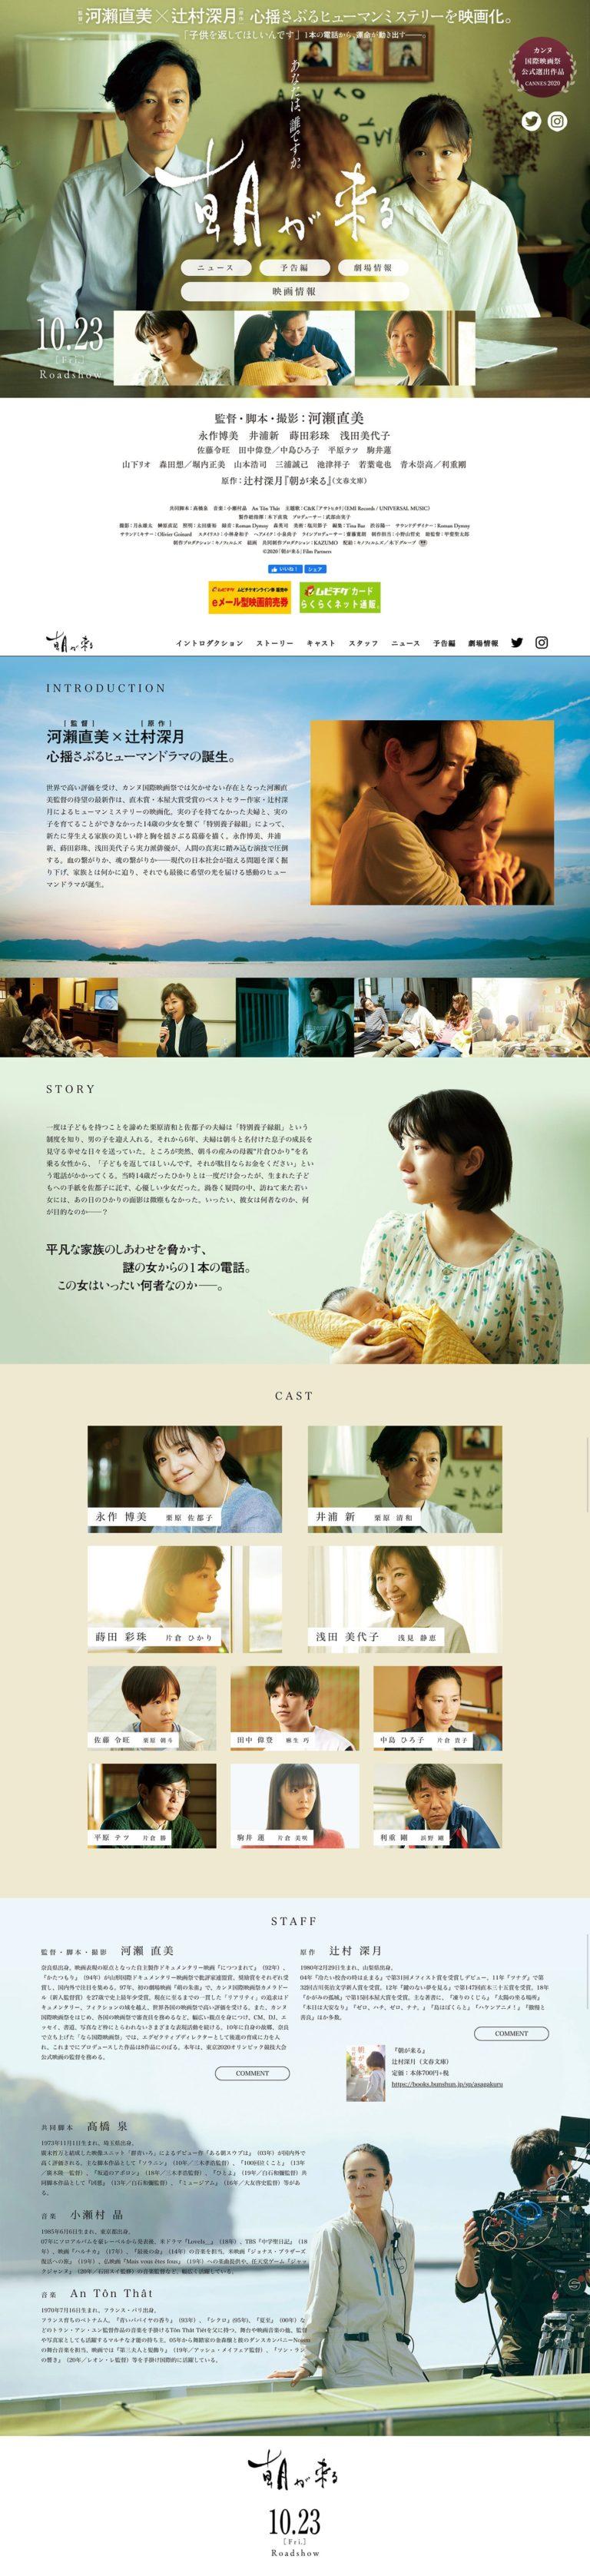 映画『朝が来る』公式サイト